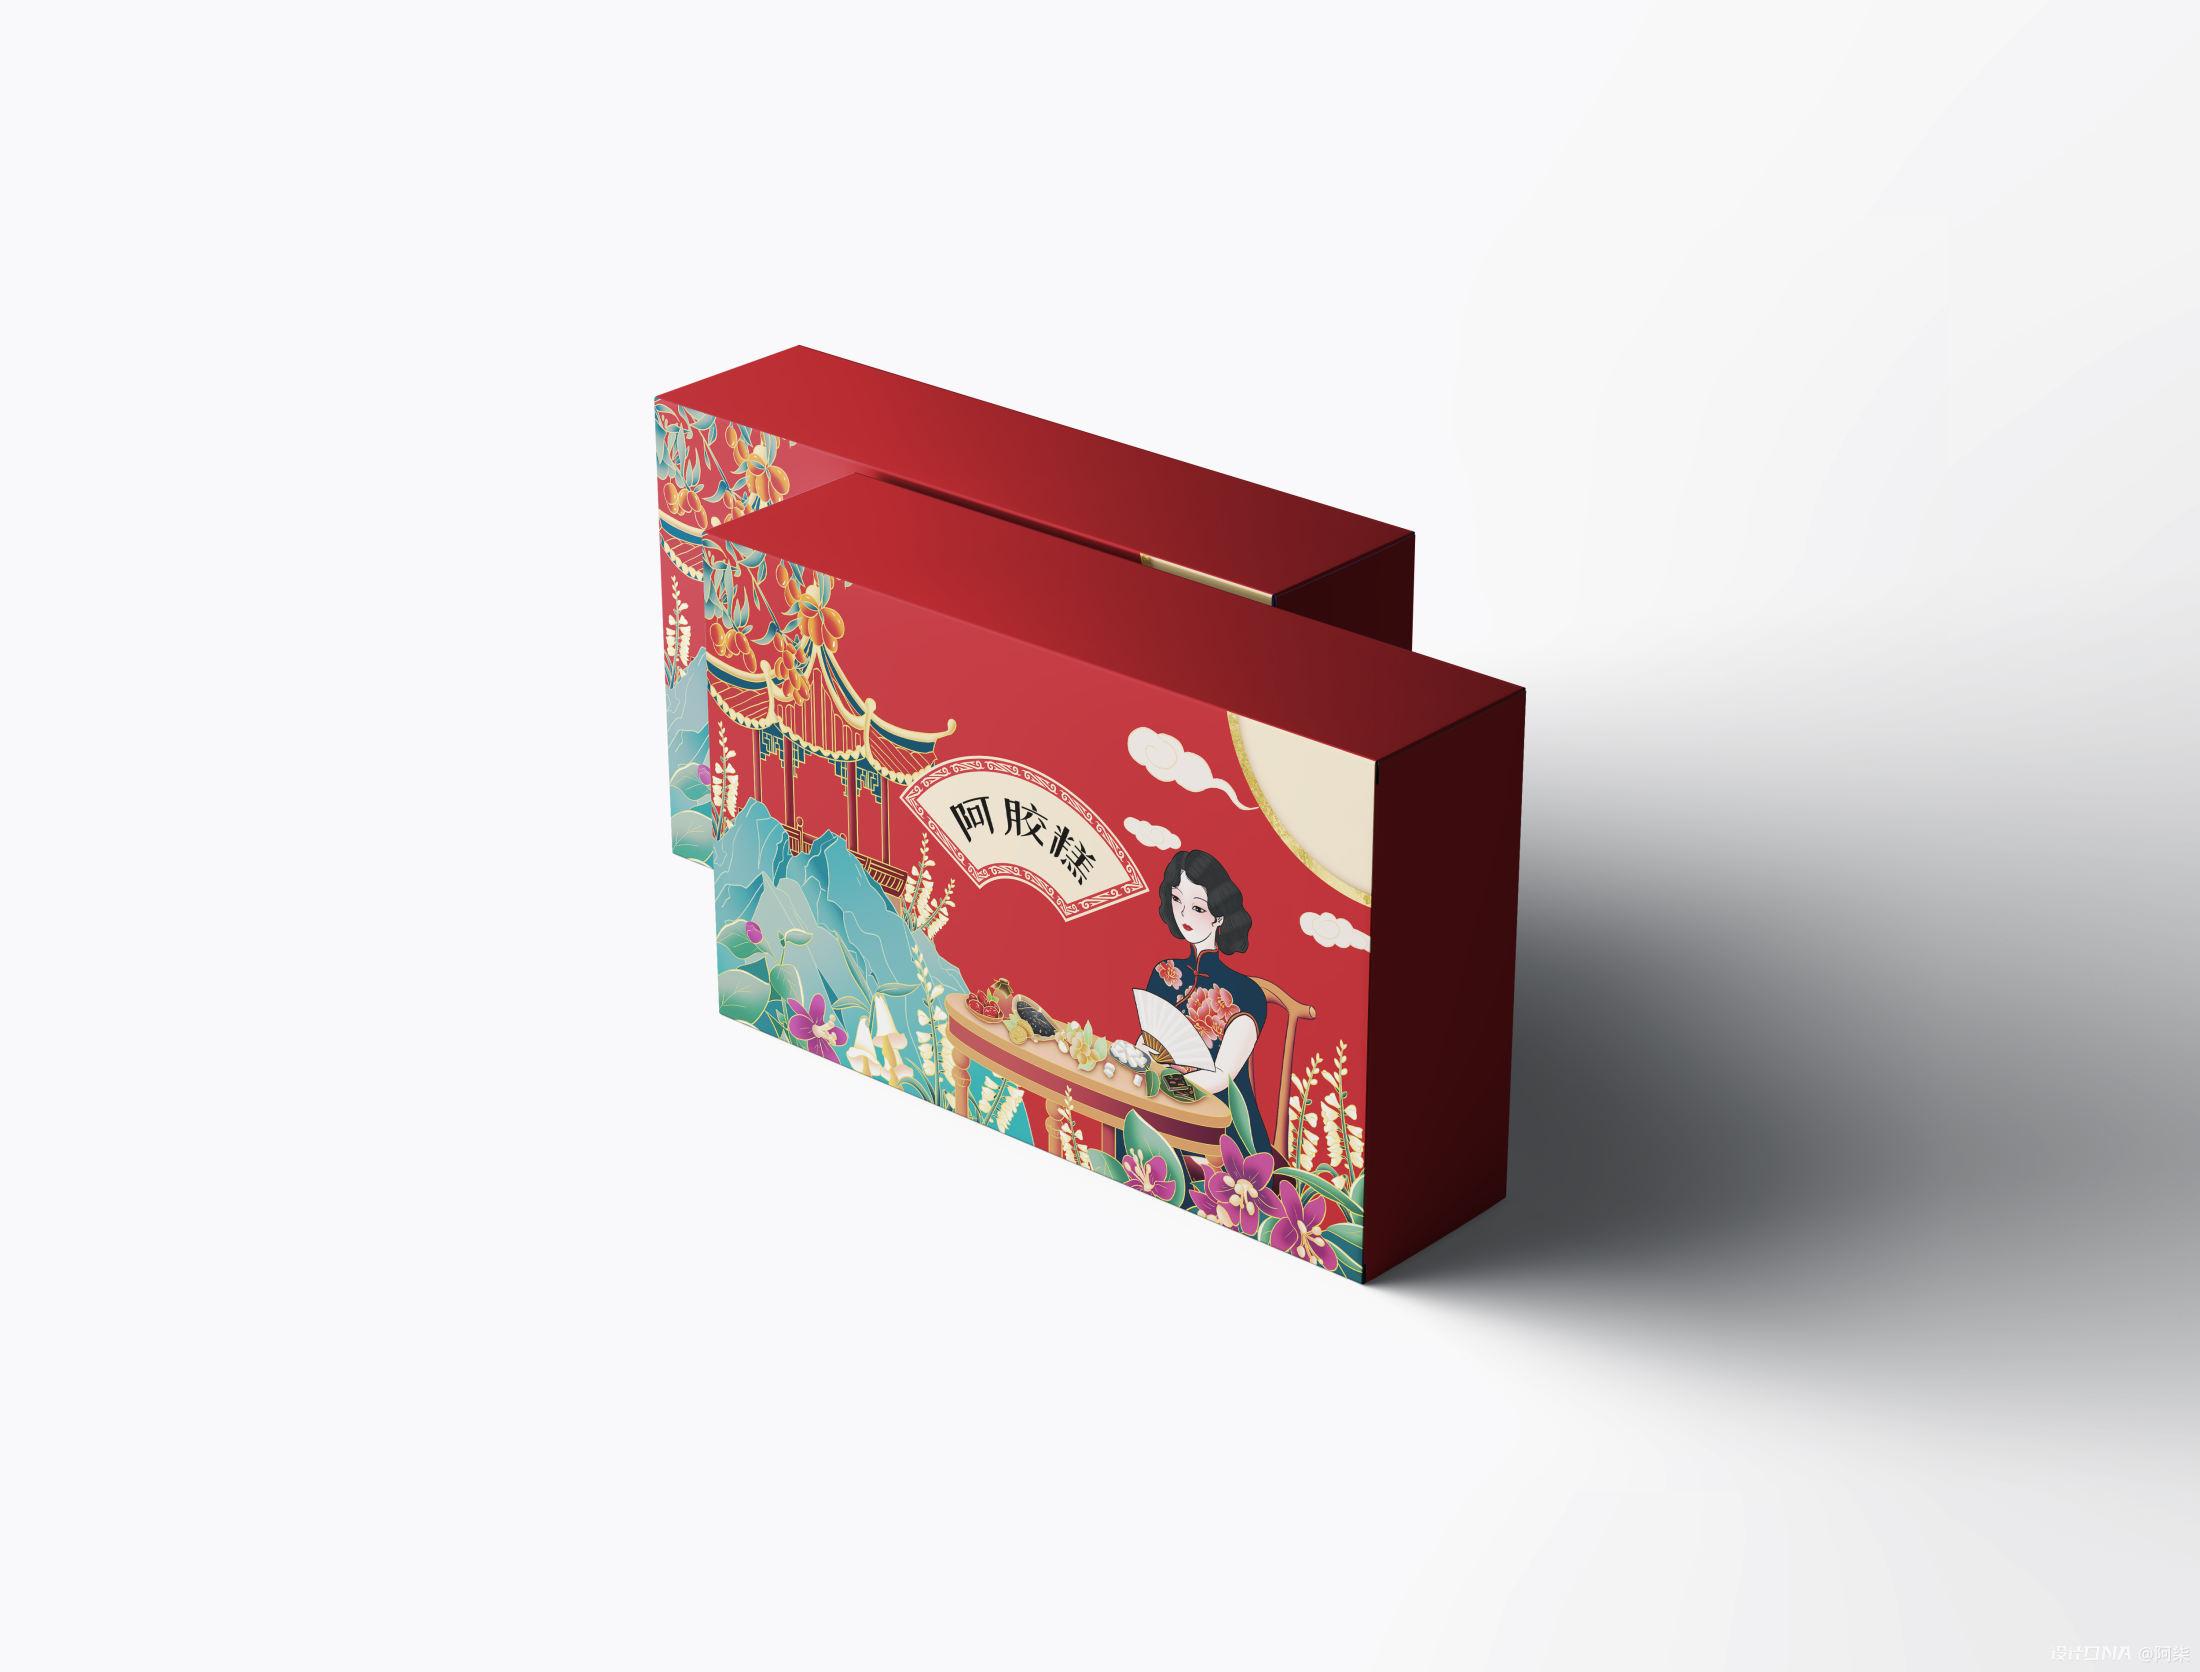 国潮风阿胶糕包装插画设计 图1